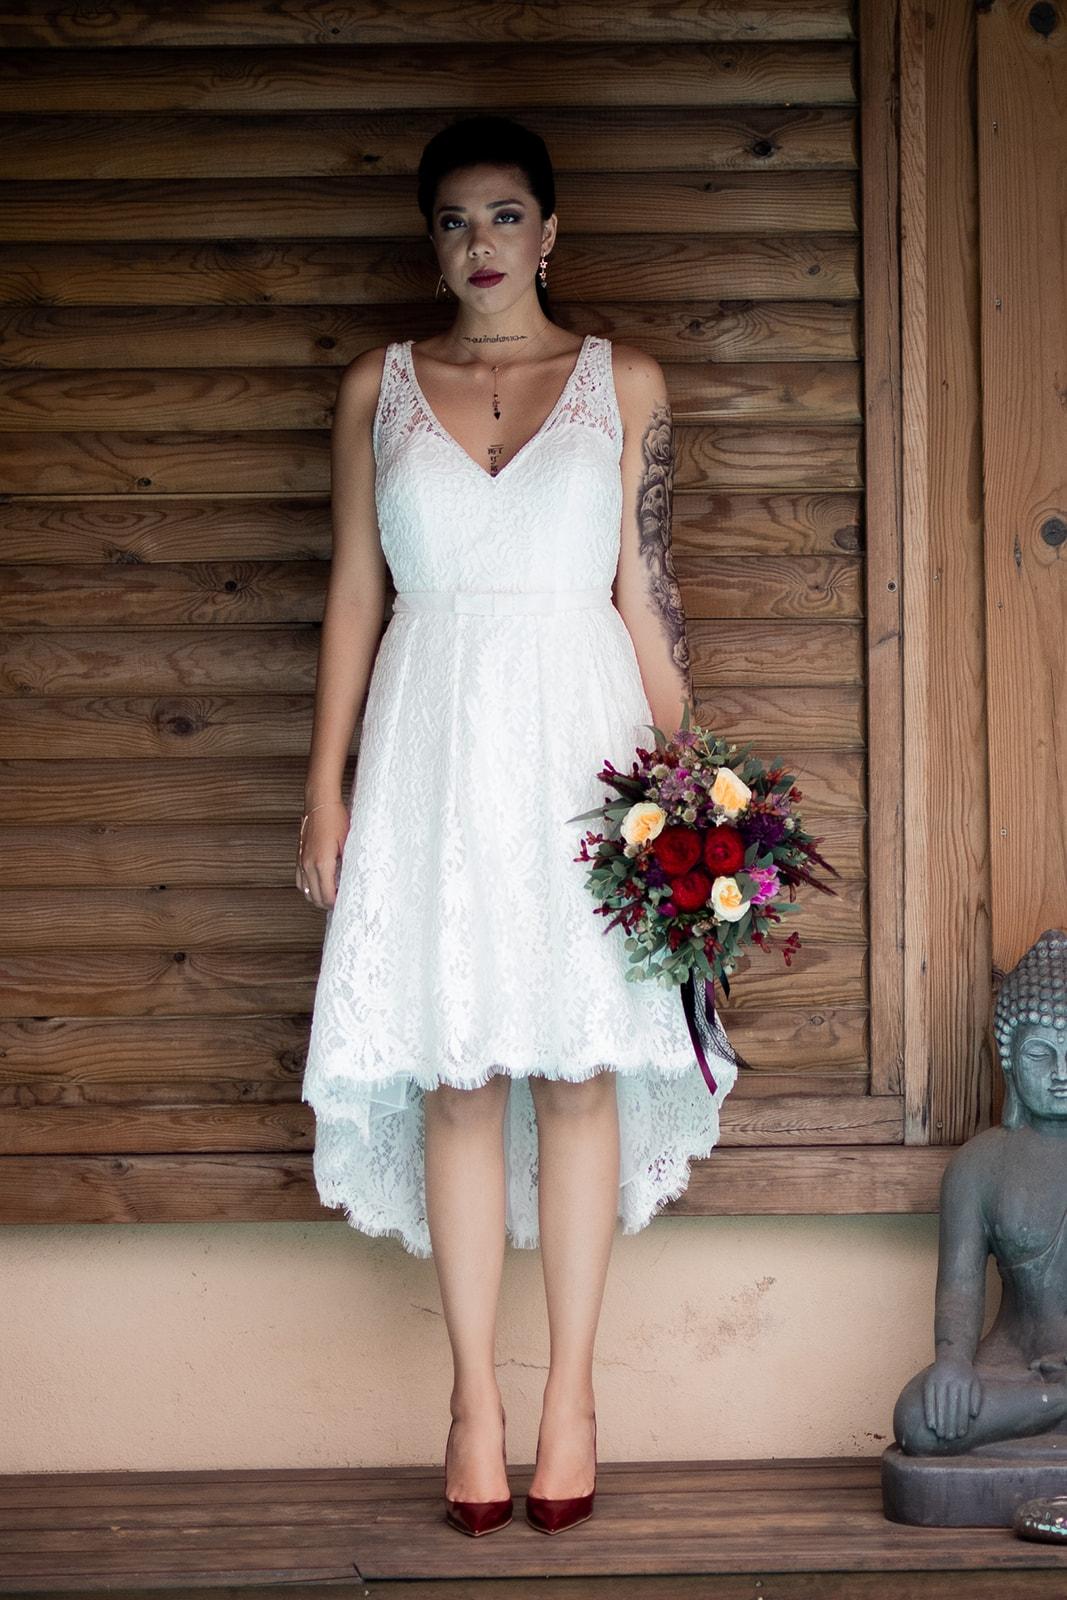 La robe - Optez pour une robe courte, plus moderne est dans l'ère du temps. Nous, on a choisi cette robe asymétrique sans manche de la boutique Rosa Clara. Alliez confort, élégance et glamour. Une robe qu'on peut porter de la cérémonie à la réception. De plus, si comme Shayna vous avez des tatouages, cela mettra en valeur votre style. Et pour monsieur adoptez un style moins traditionnel en accord avec votre thème Rock & roll.